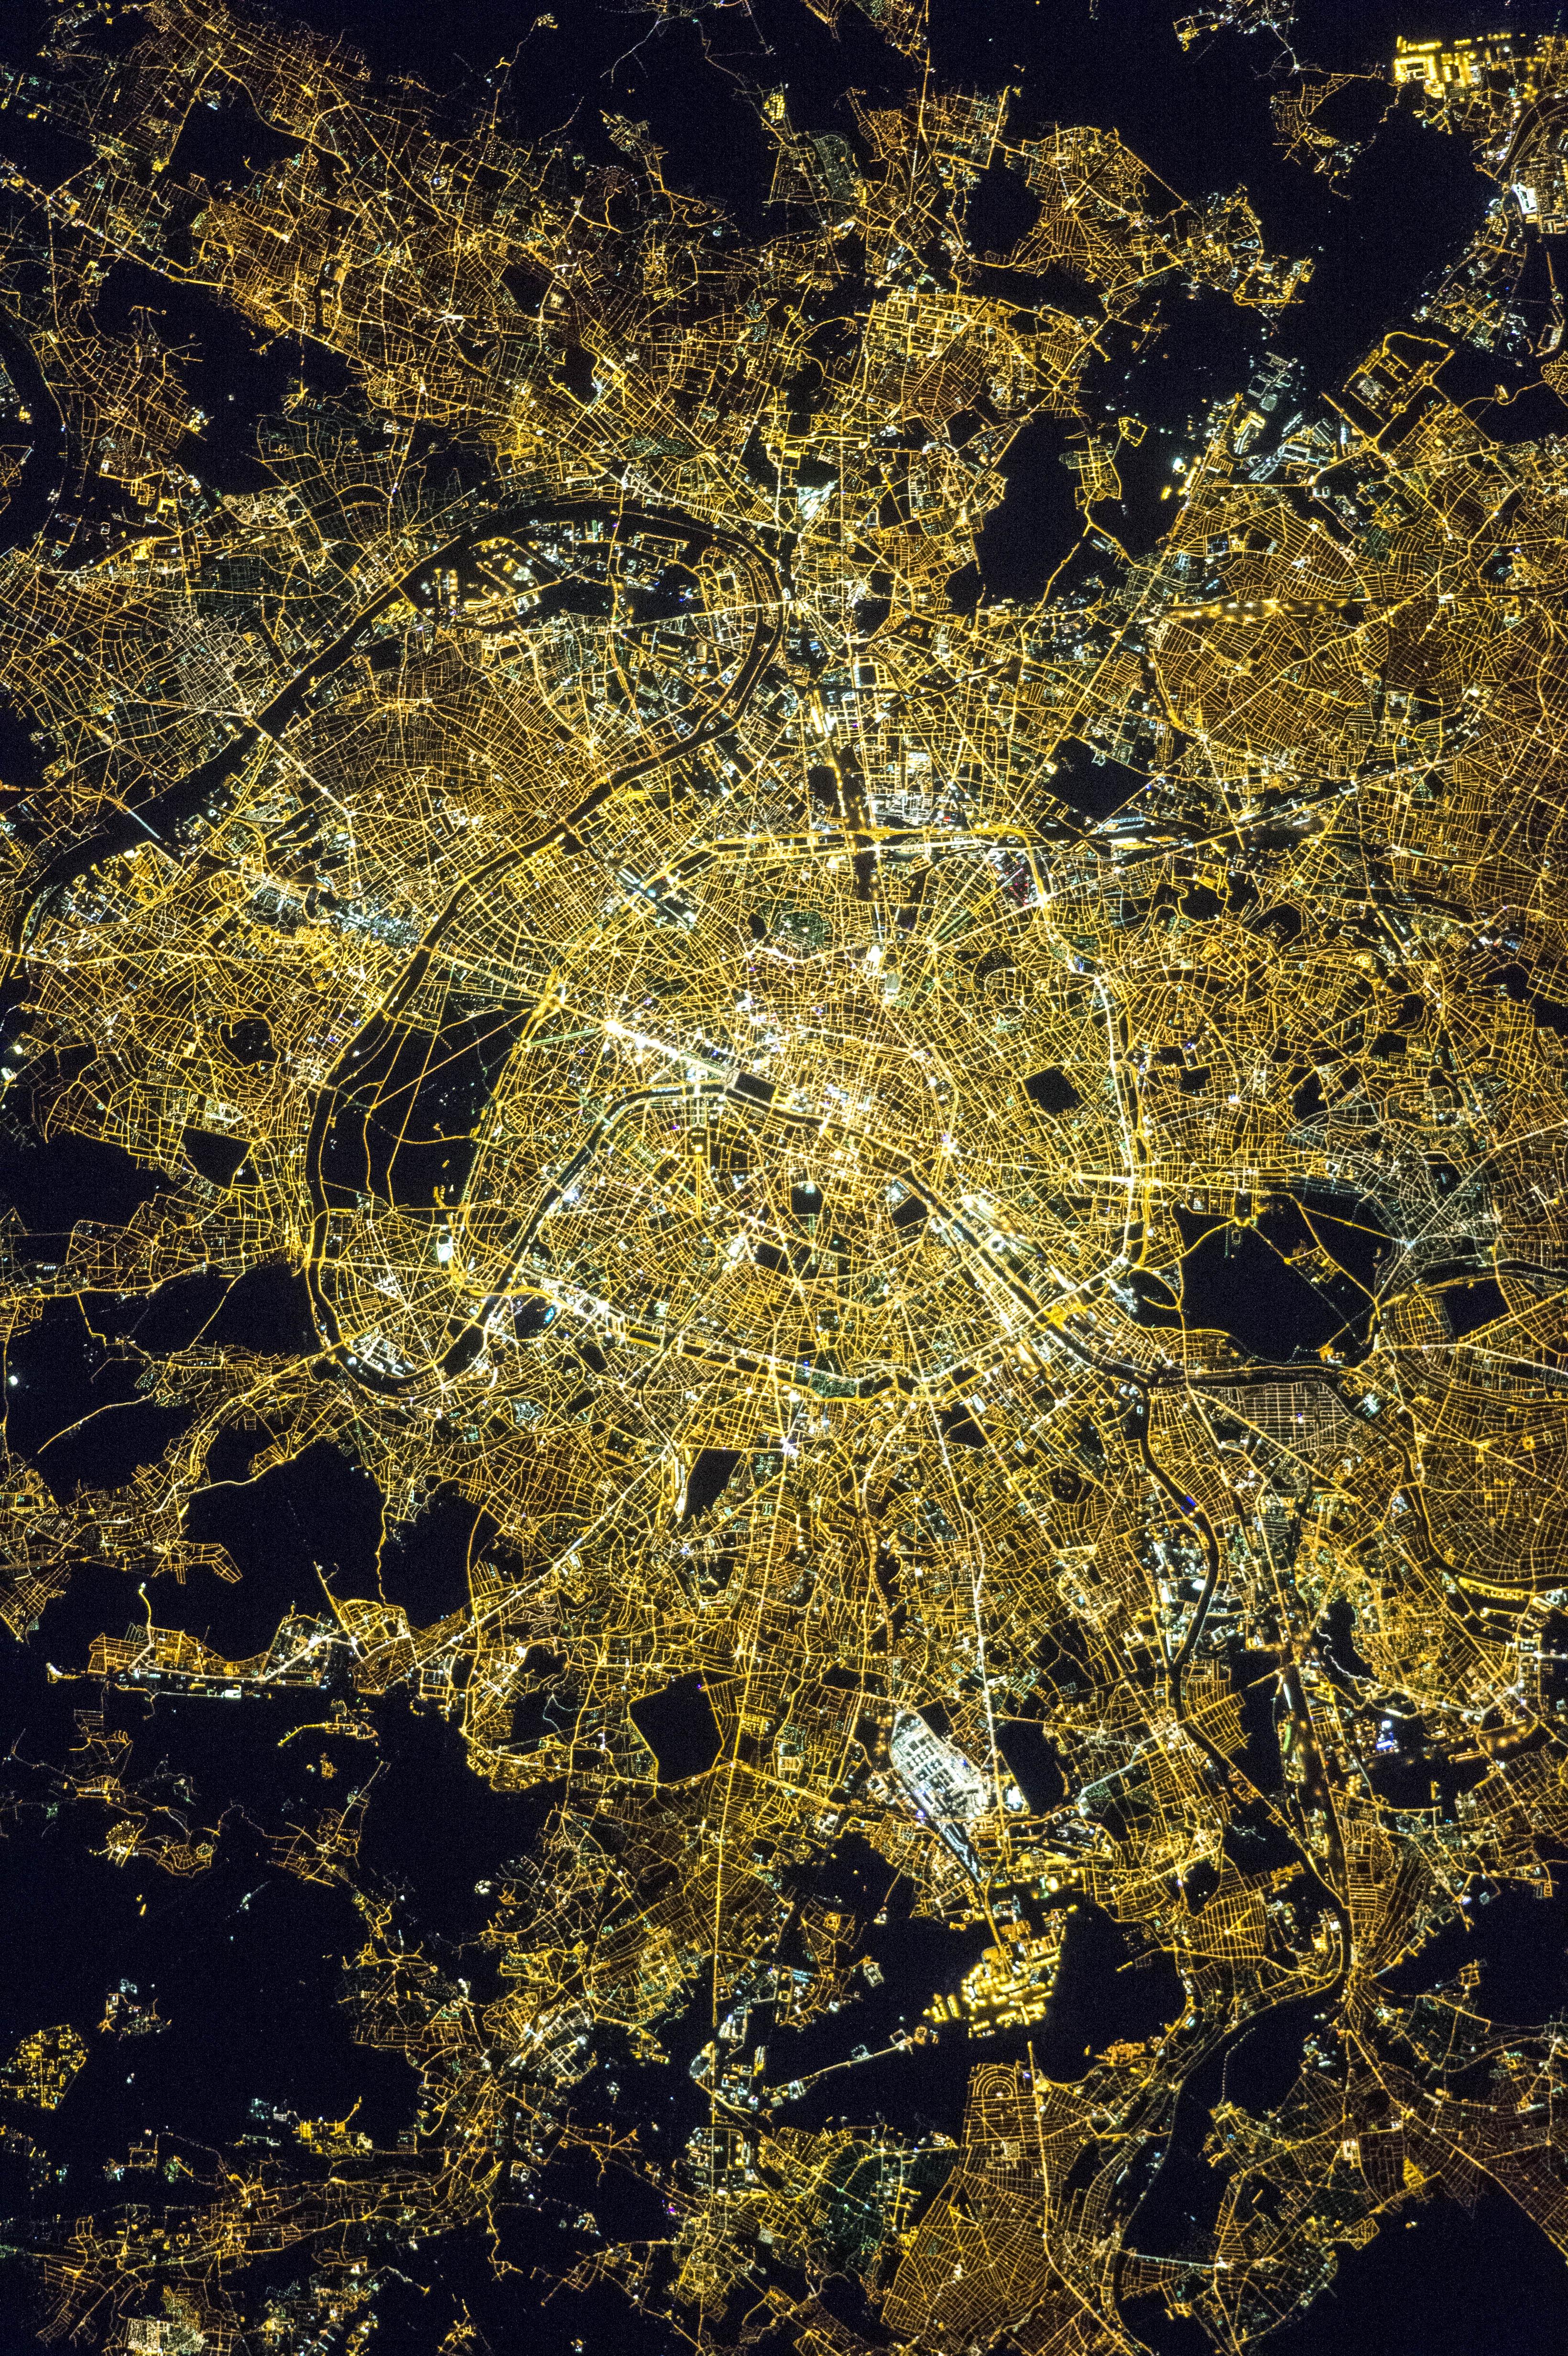 Paris At Night Nasa